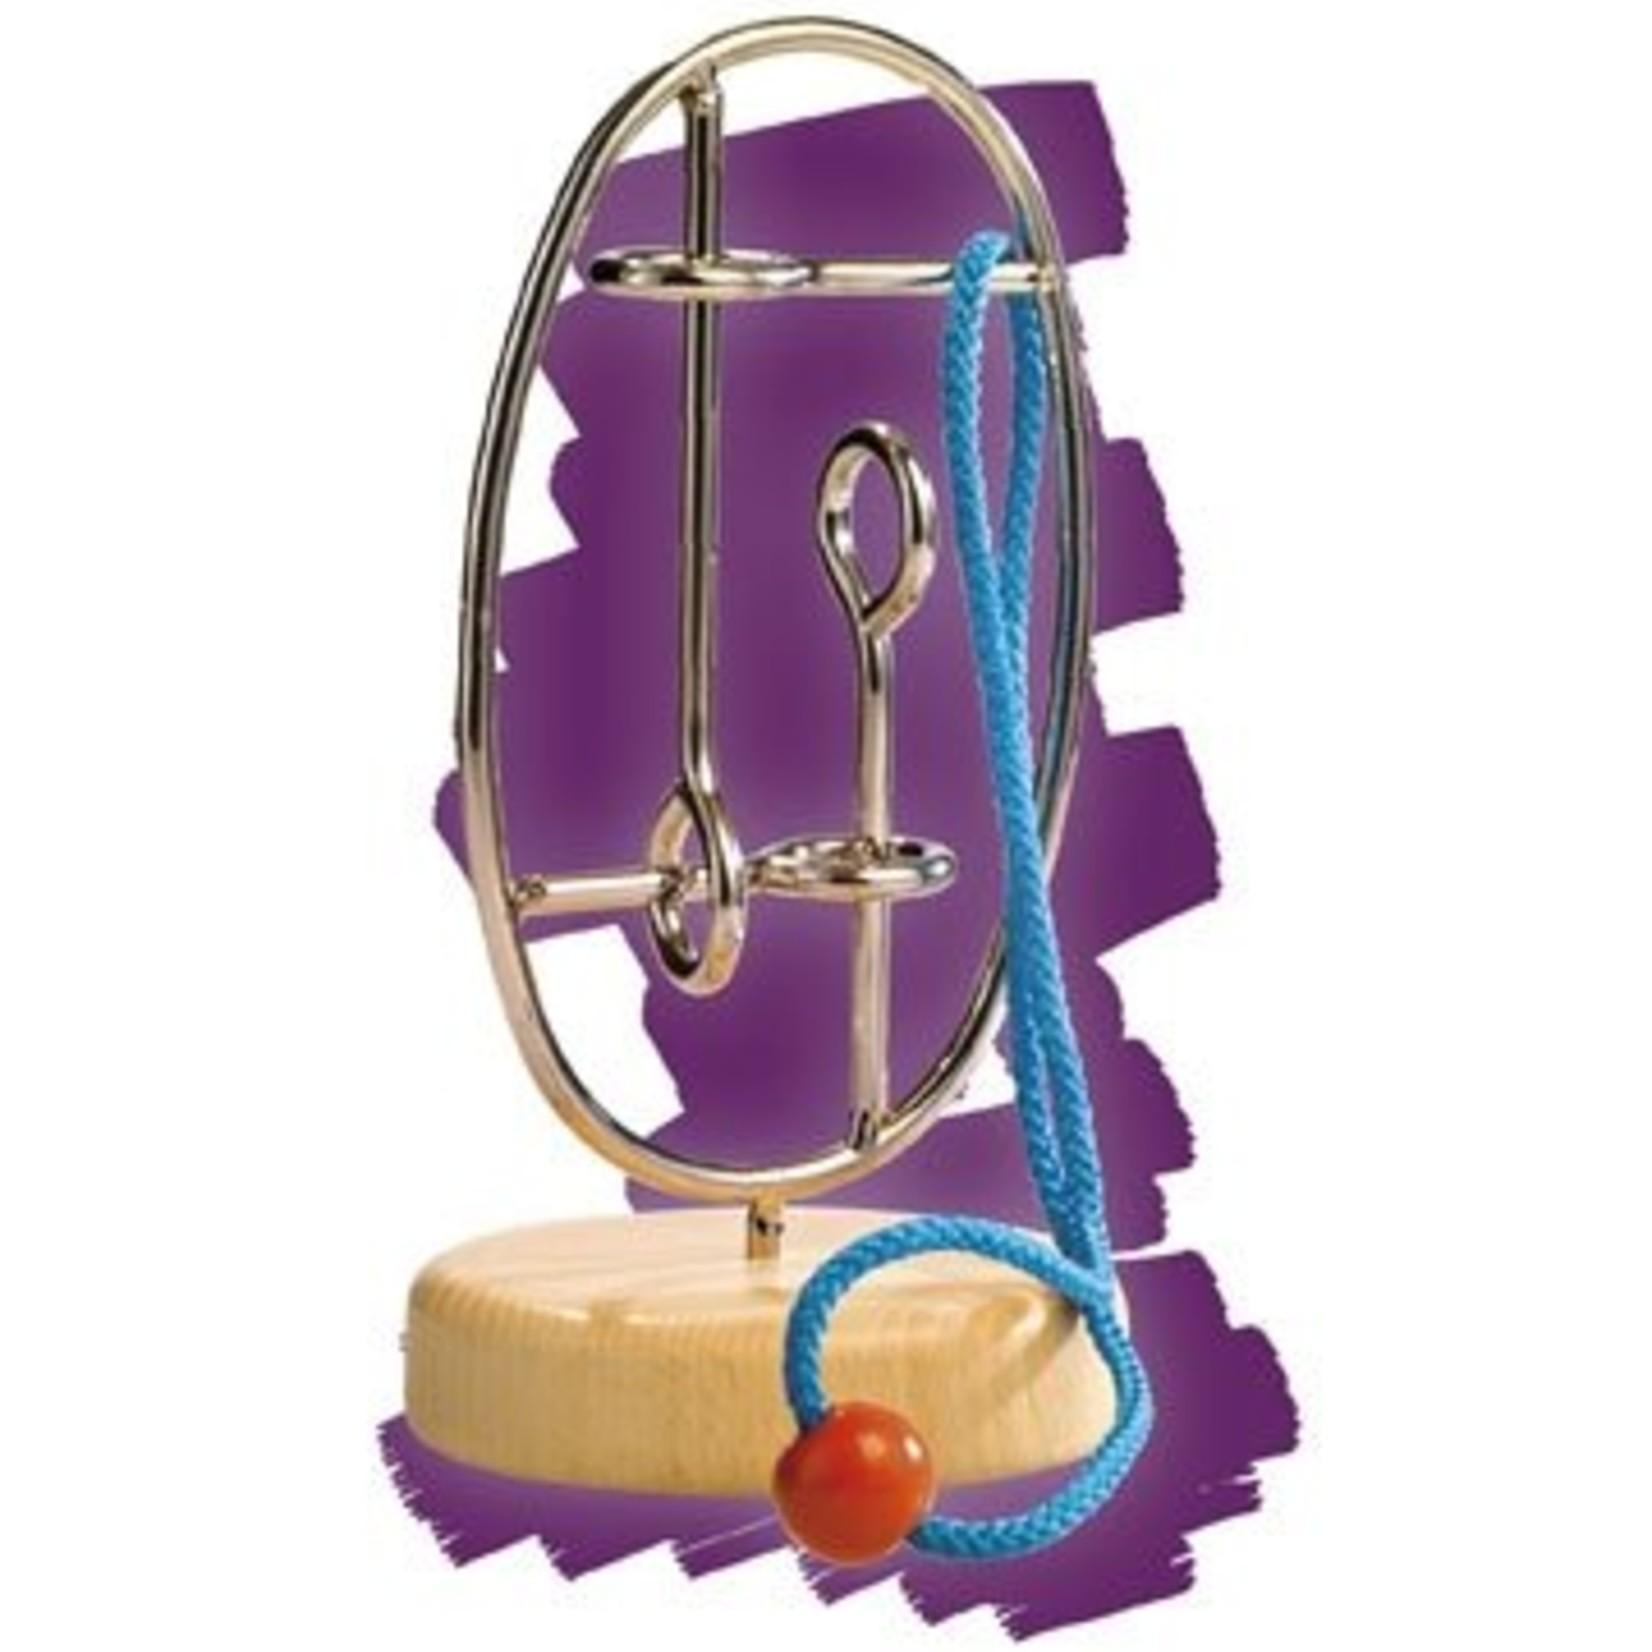 Eureka Verwijder het touw van het metalen frame en zet hem weer in elkaar voor het volgende slachtoffer